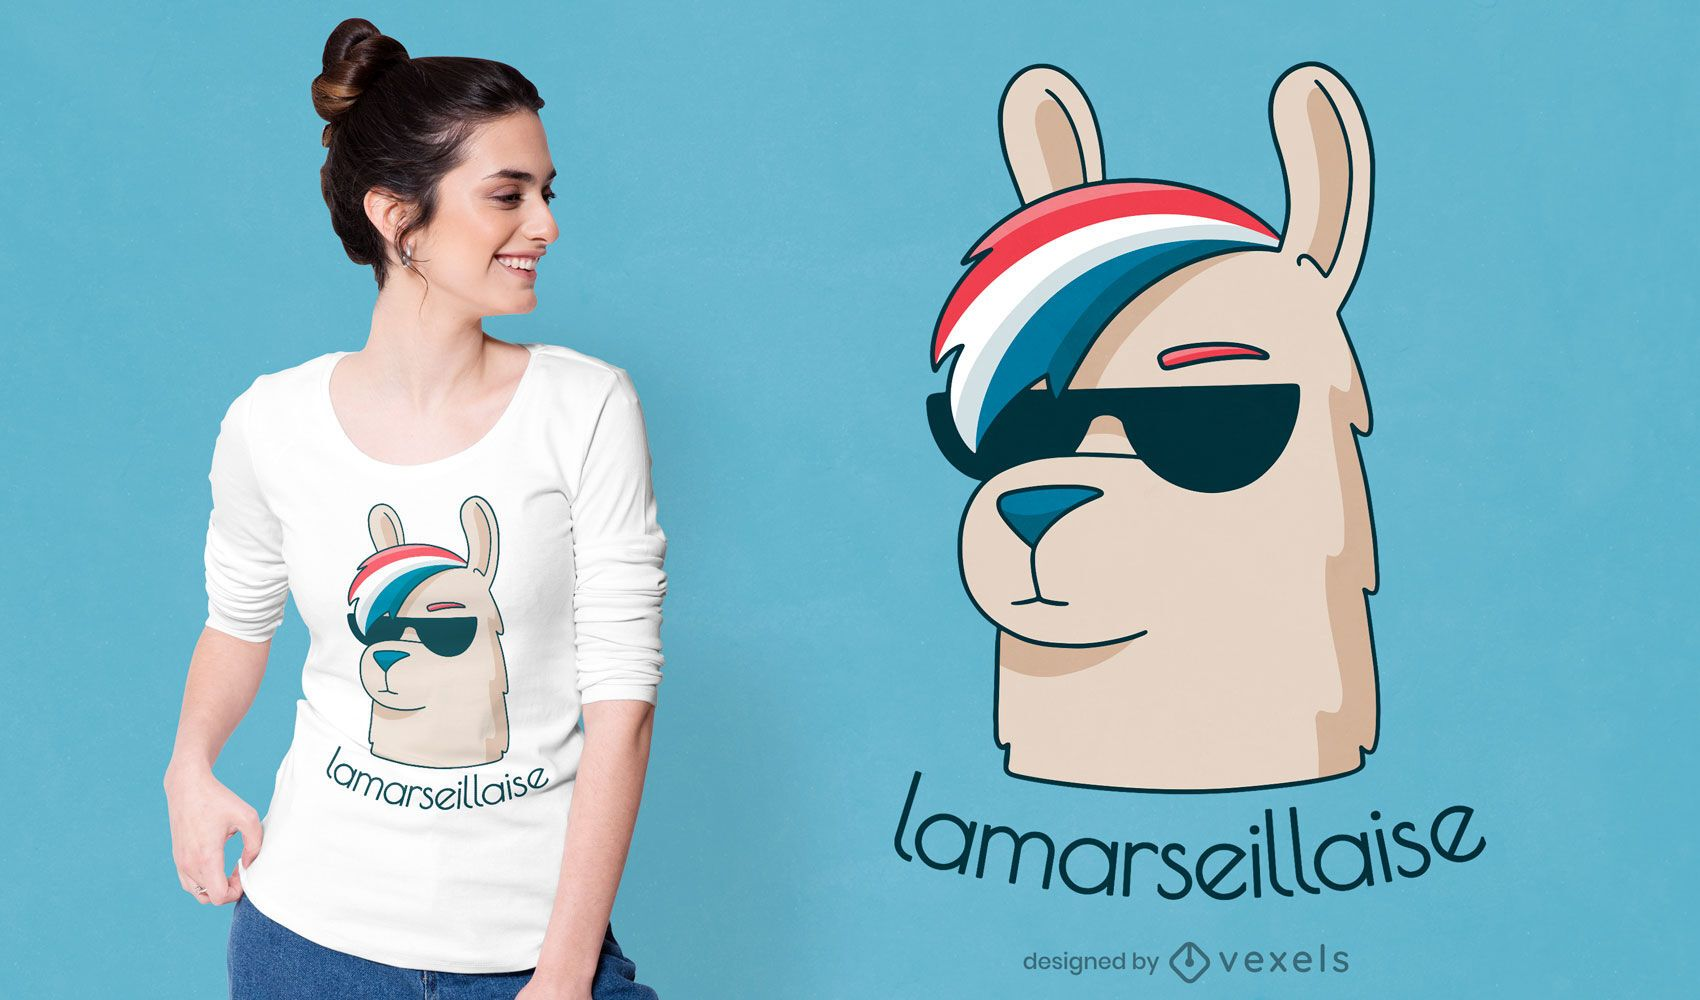 Lustiges la marseillaise T-Shirt Design